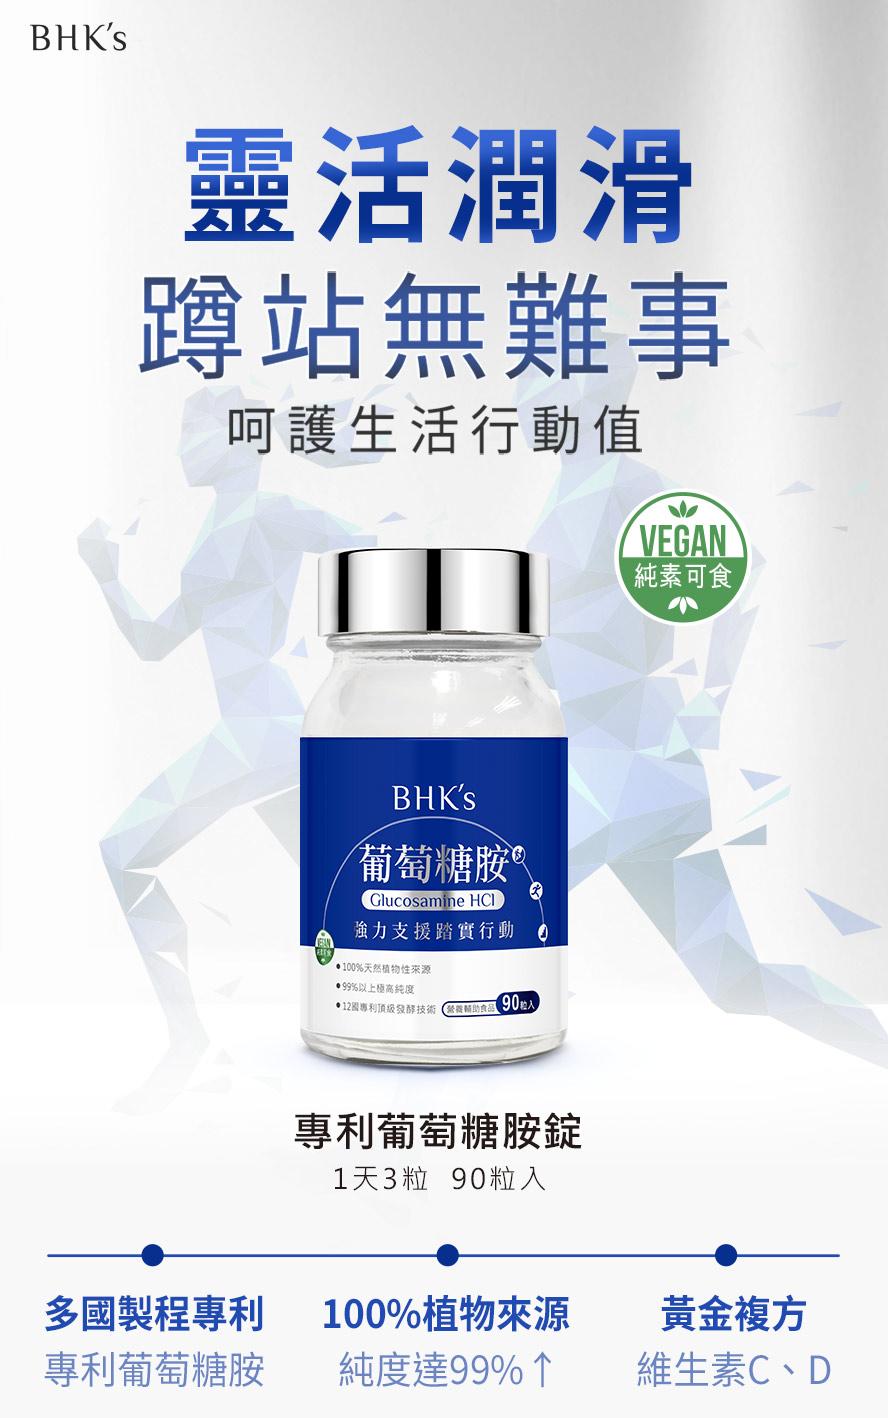 BHK's專利葡萄糖胺改善關節痠痛增強行動力